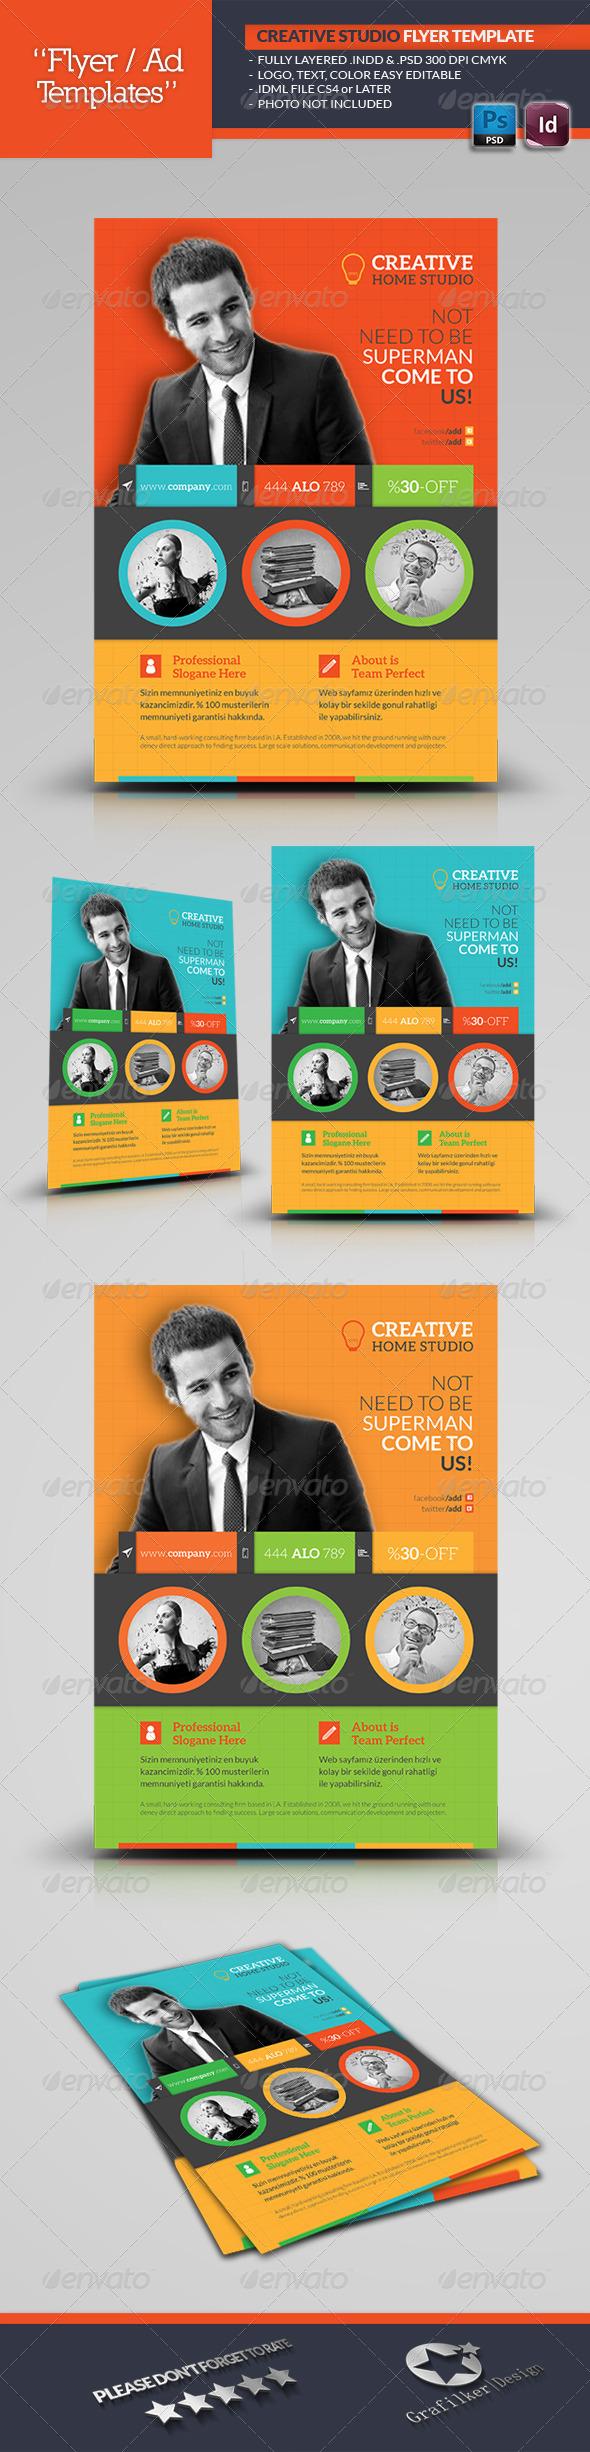 GraphicRiver Creative Studio Flyer Template 5752187